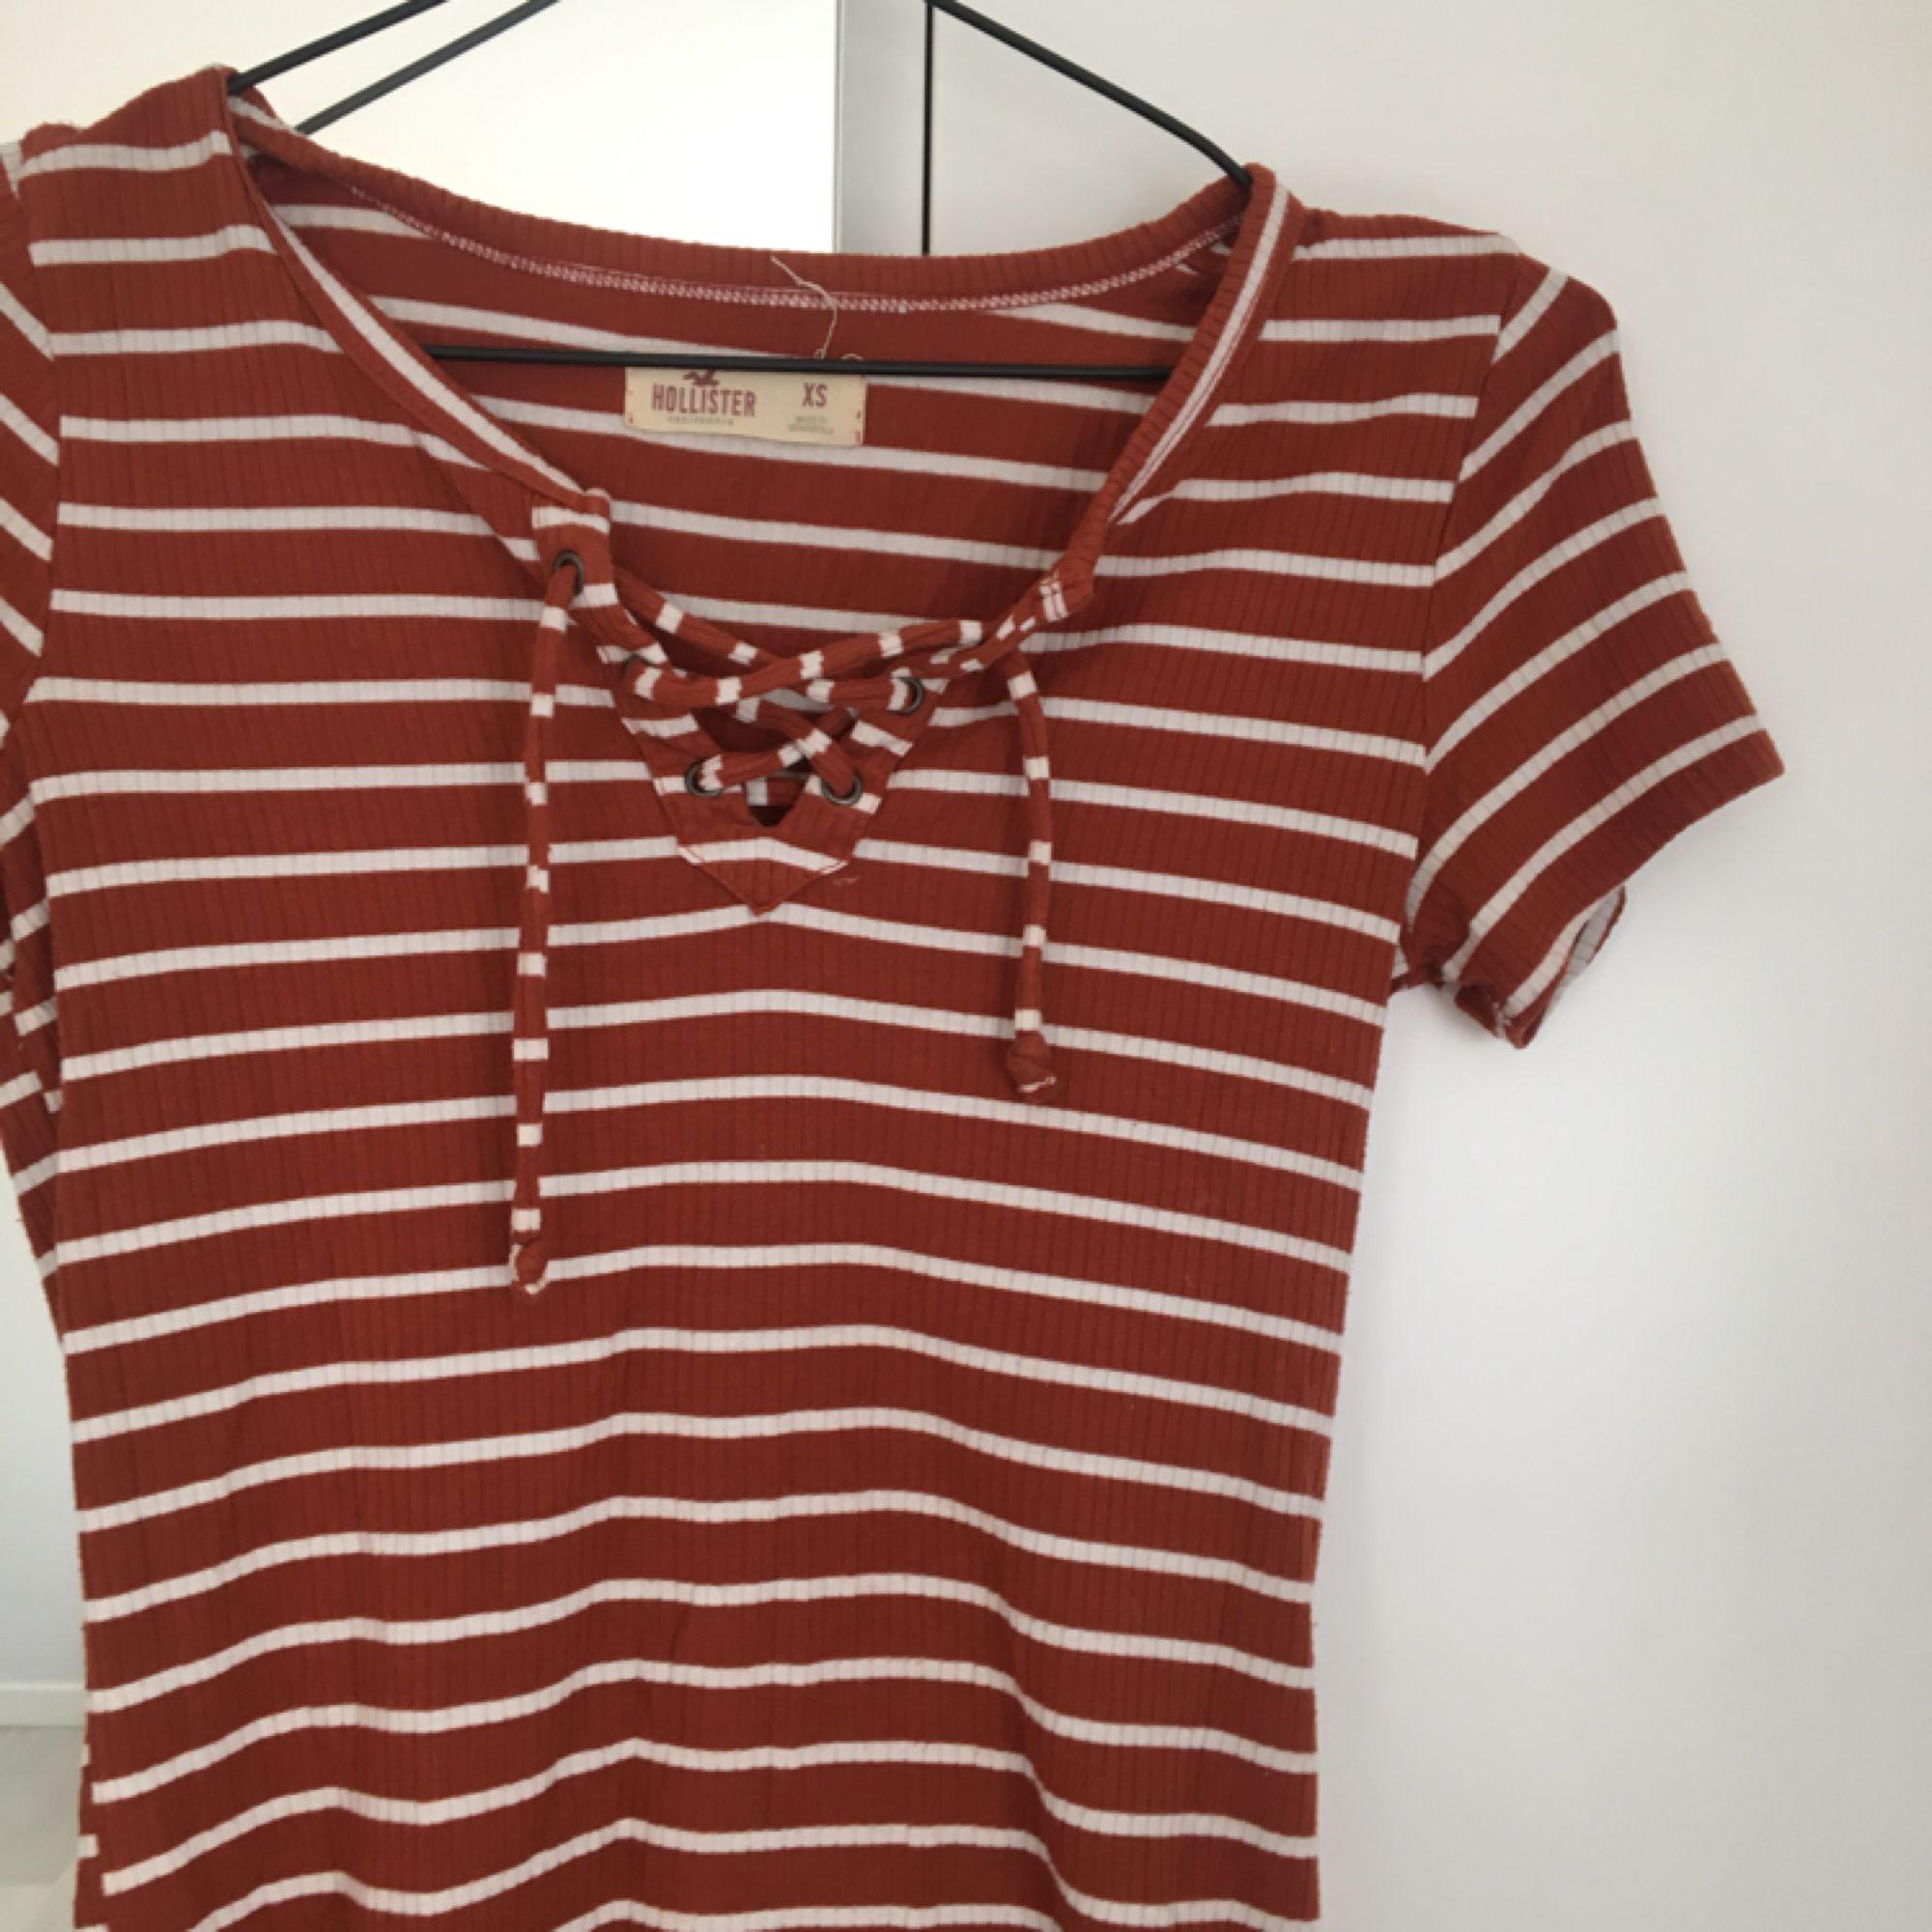 Söt randig tröja från Hollister!  I vitt och brunt men knytning där fram. Mycket bra skick:). Toppar.